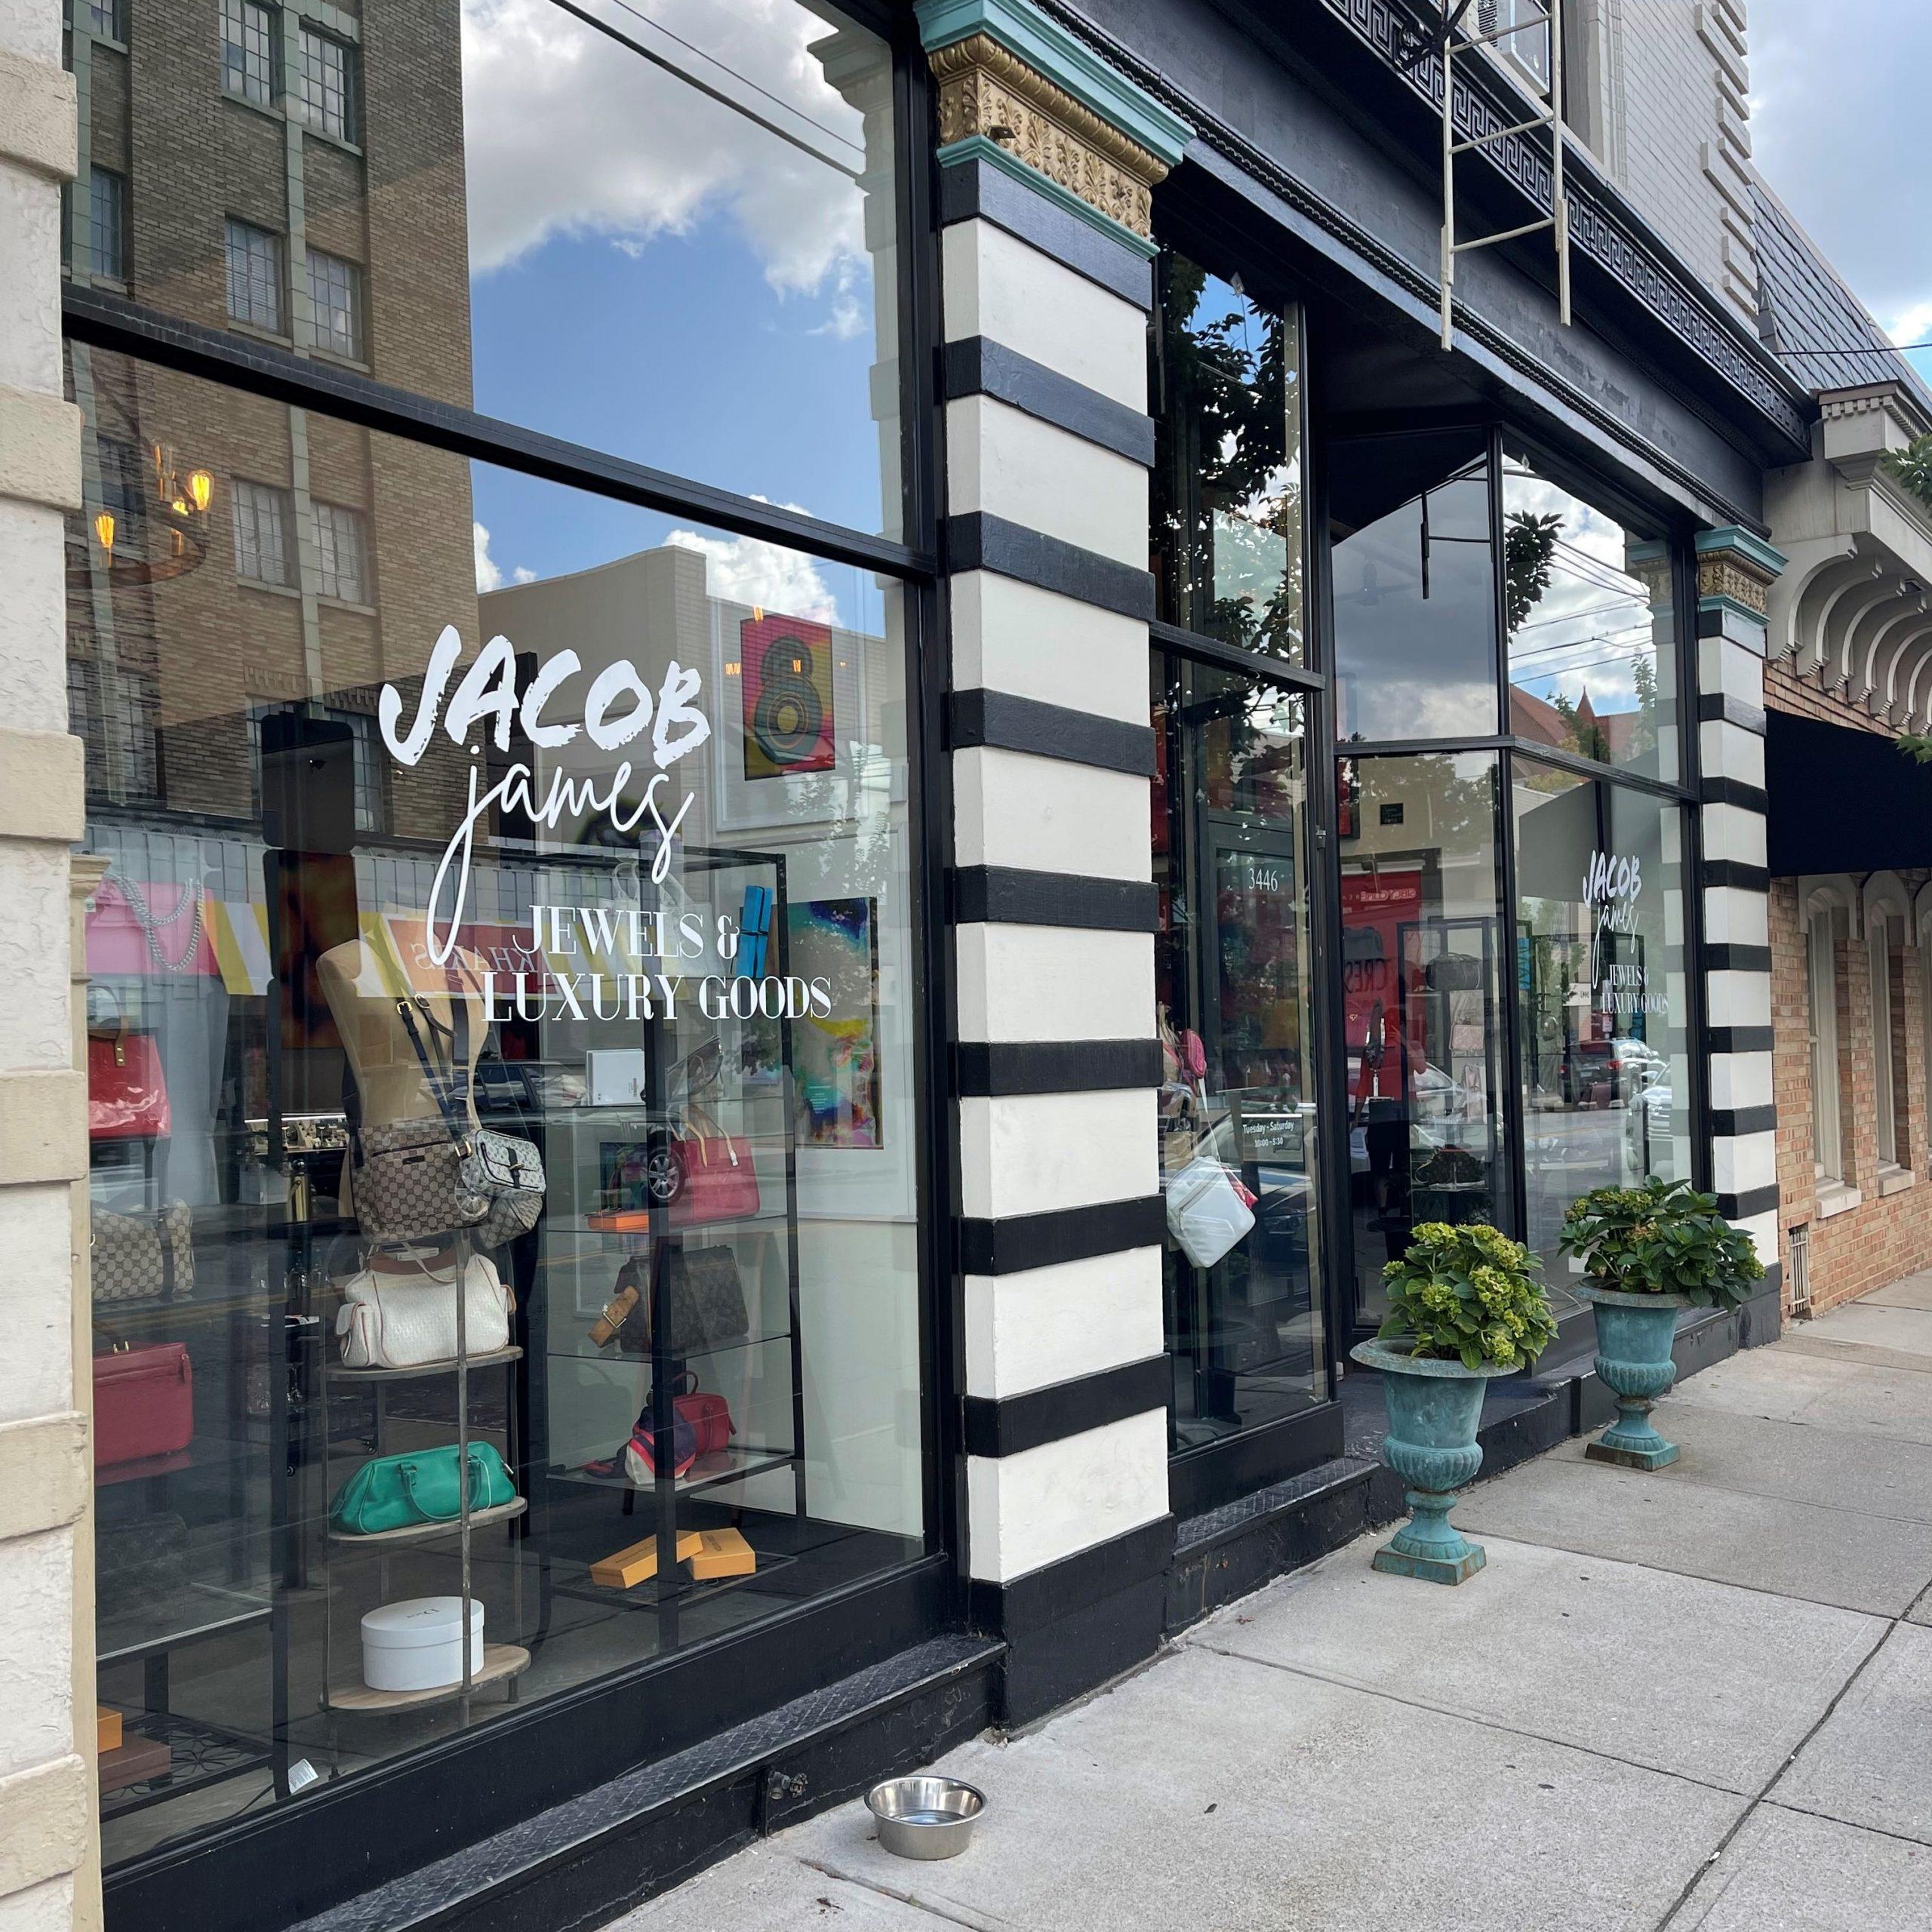 Shop Jacob James